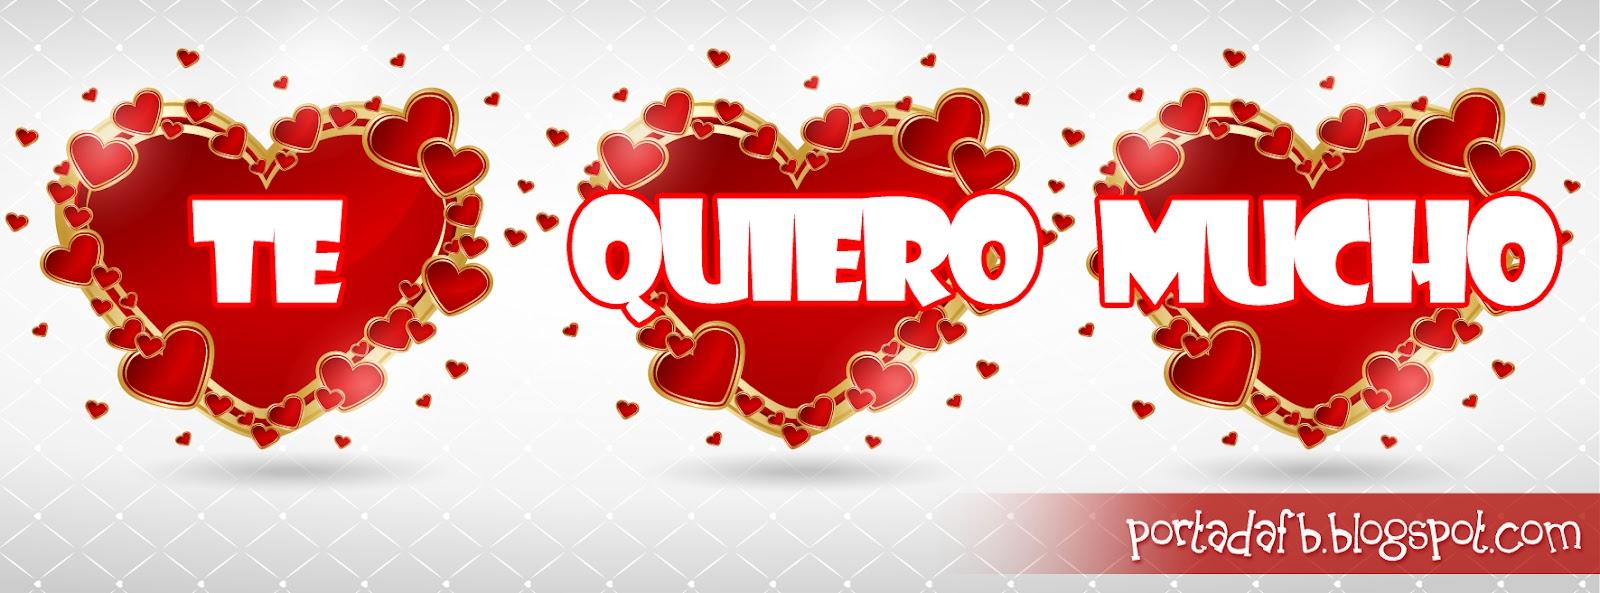 Imagenes de Amor: Feliz Dia Del Maestro Con Frases